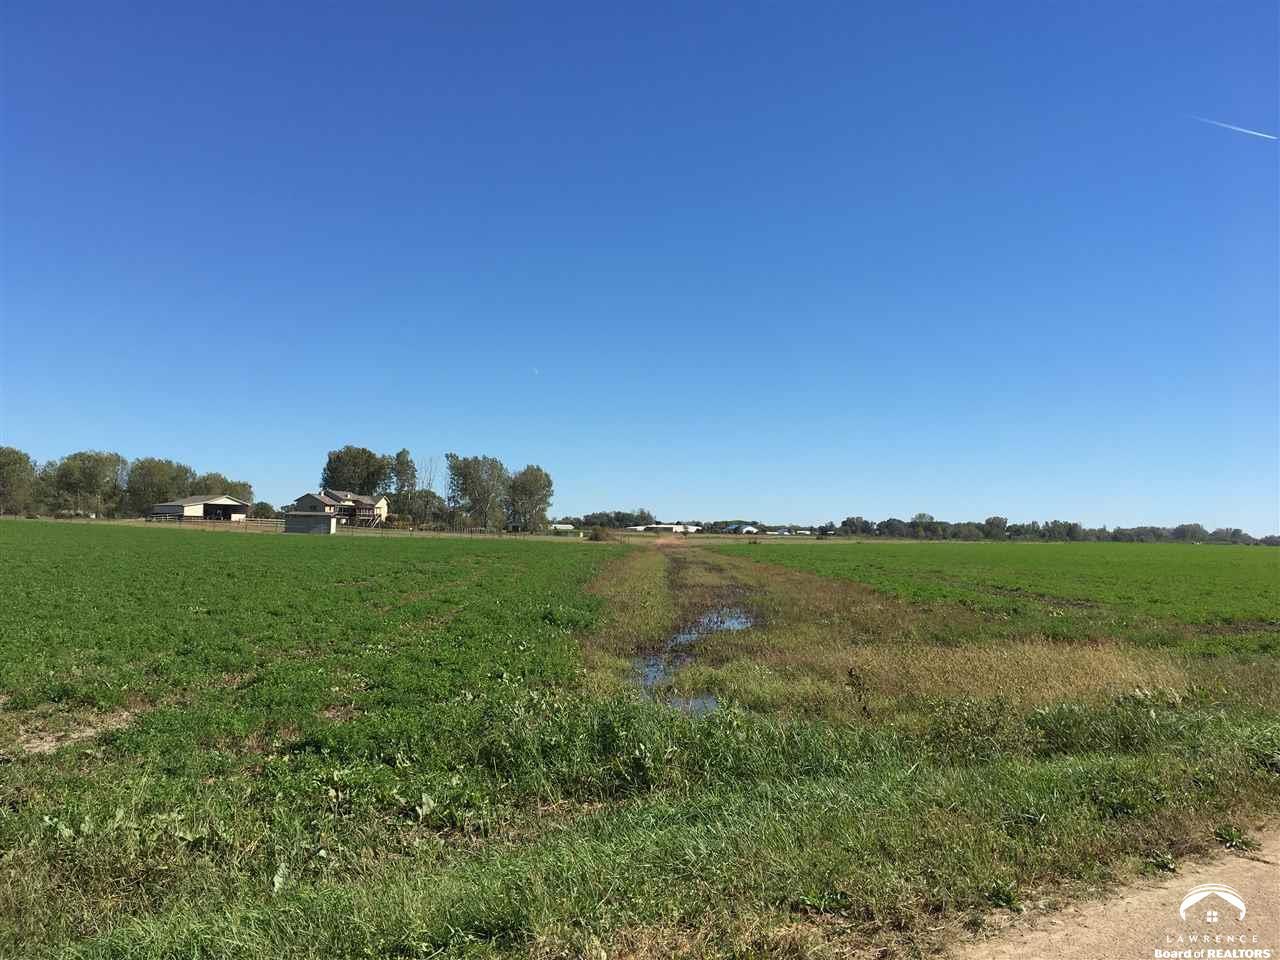 Land E 1400 Rd @ N 1900 Rd, Lawrence, KS 66044